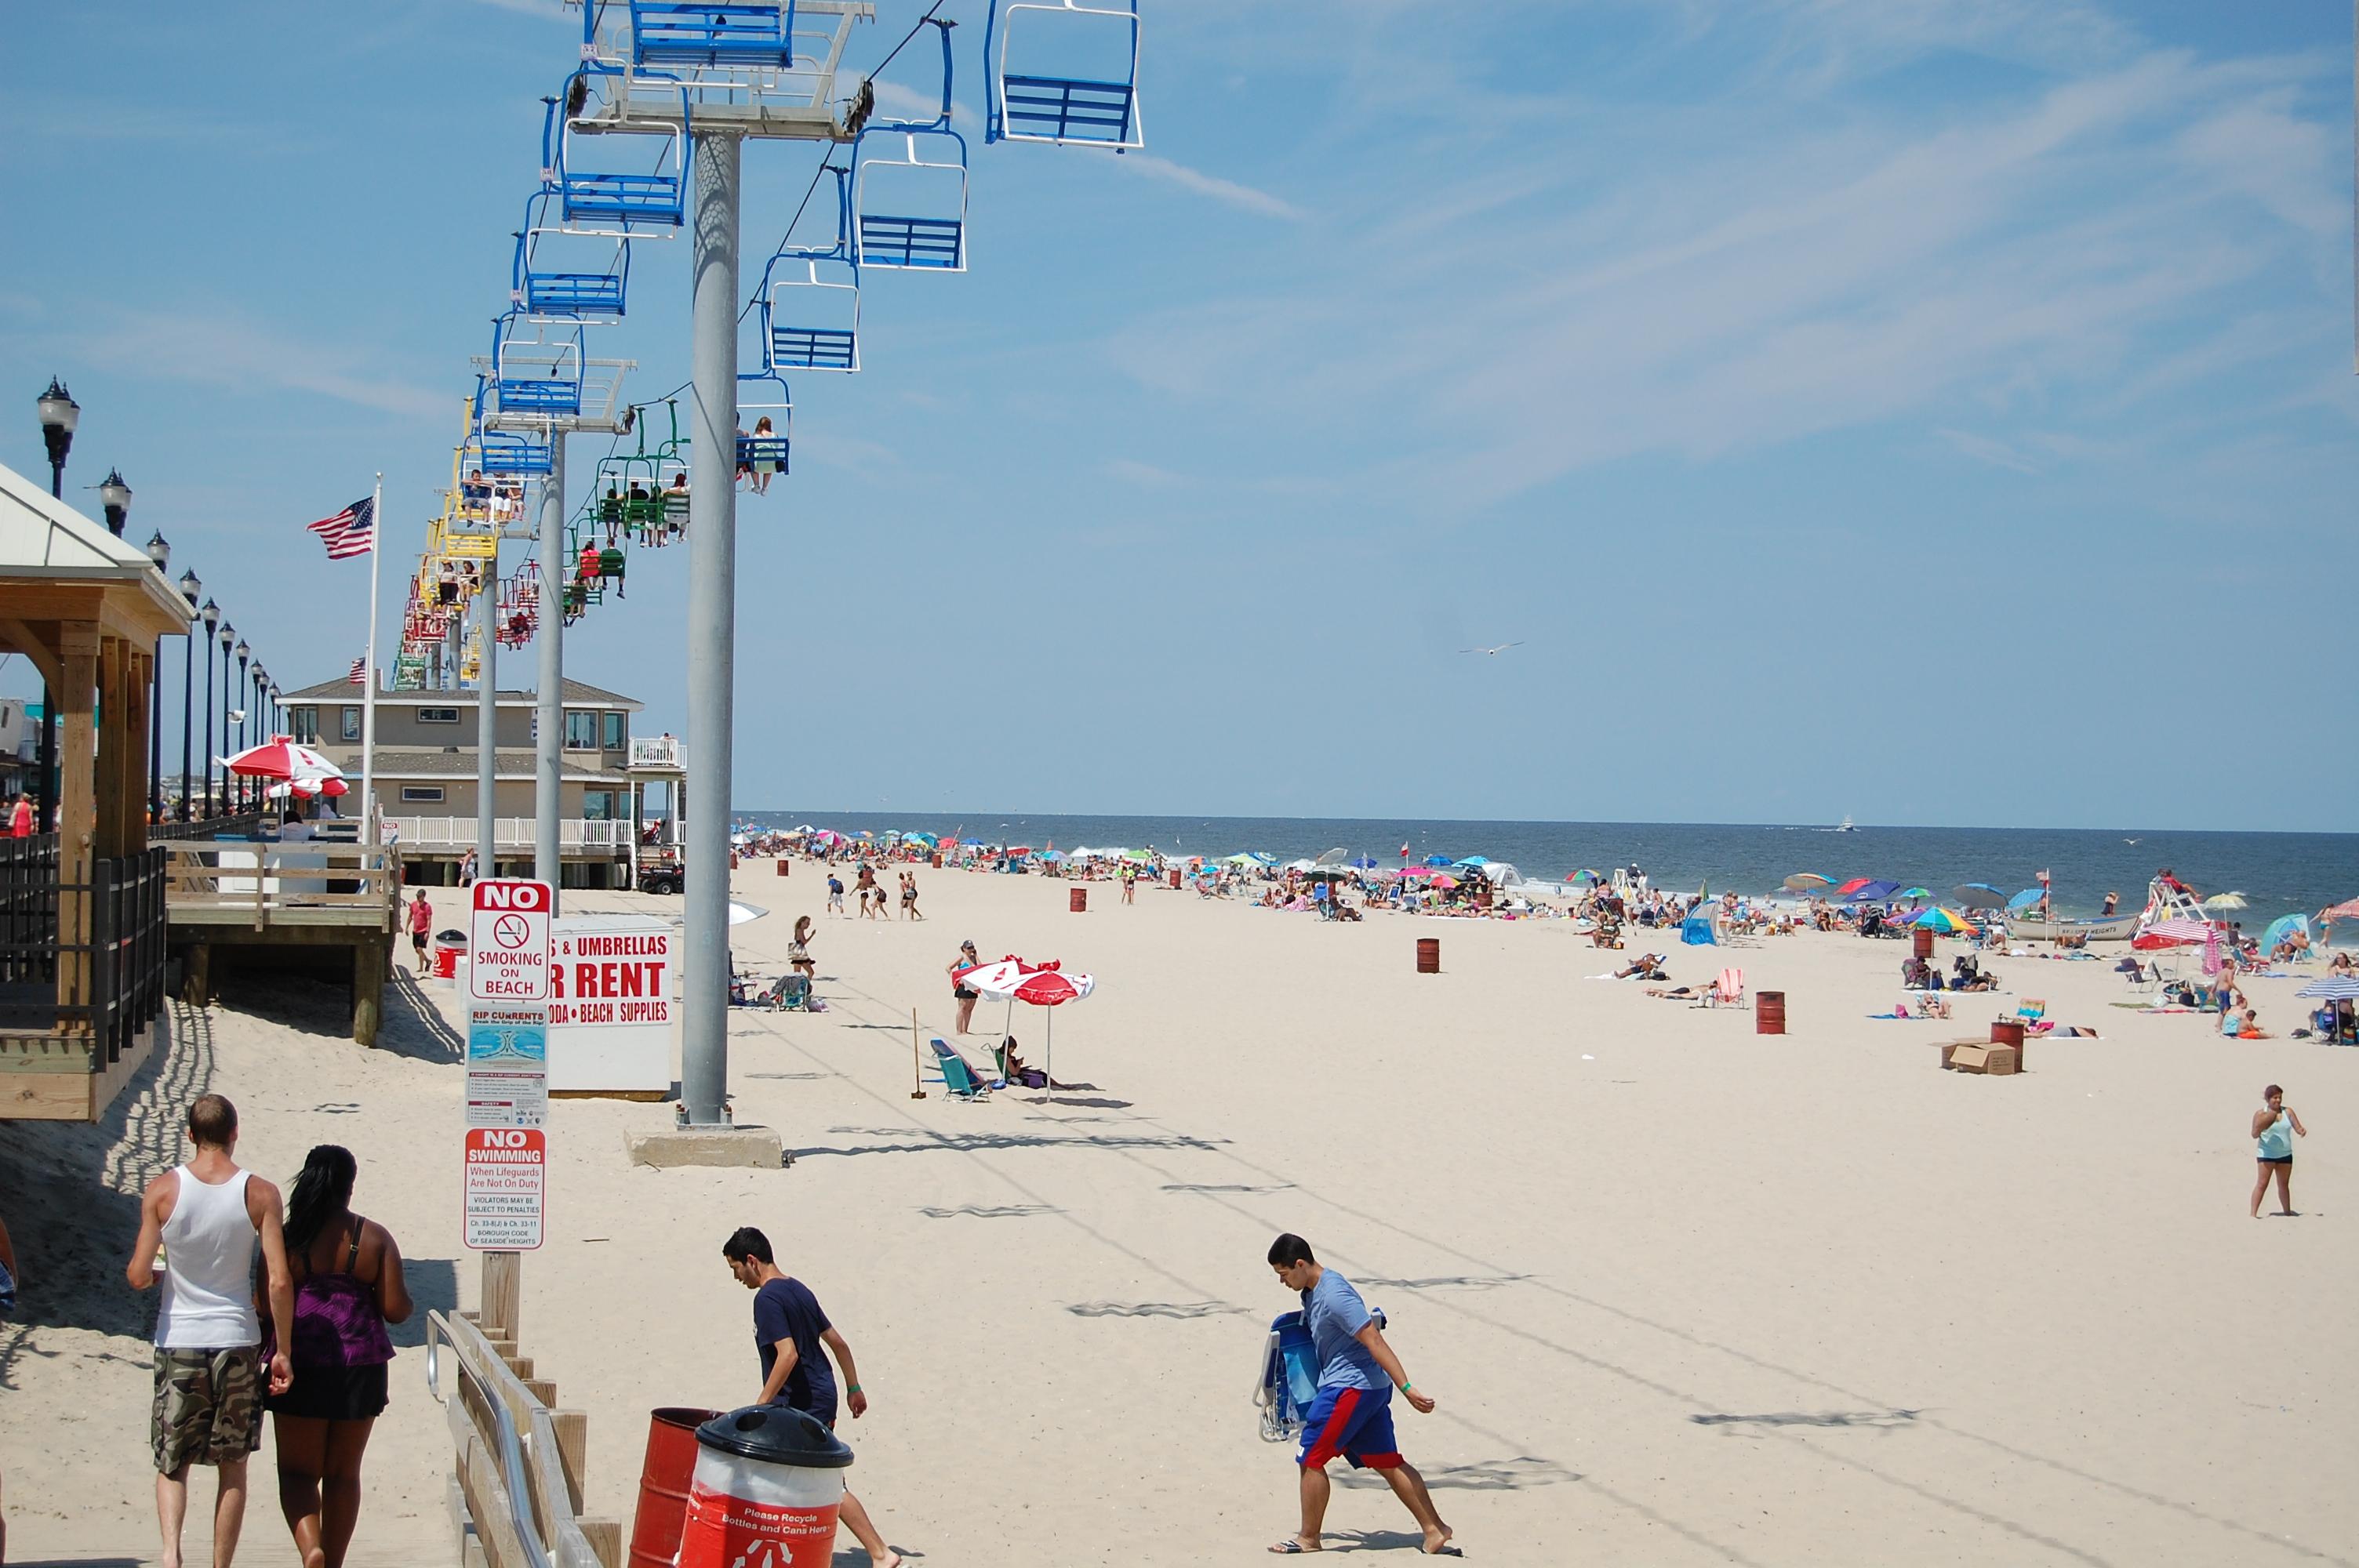 The Seaside Heights beachfront, north of Casino Pier. (Photo: Daniel Nee)